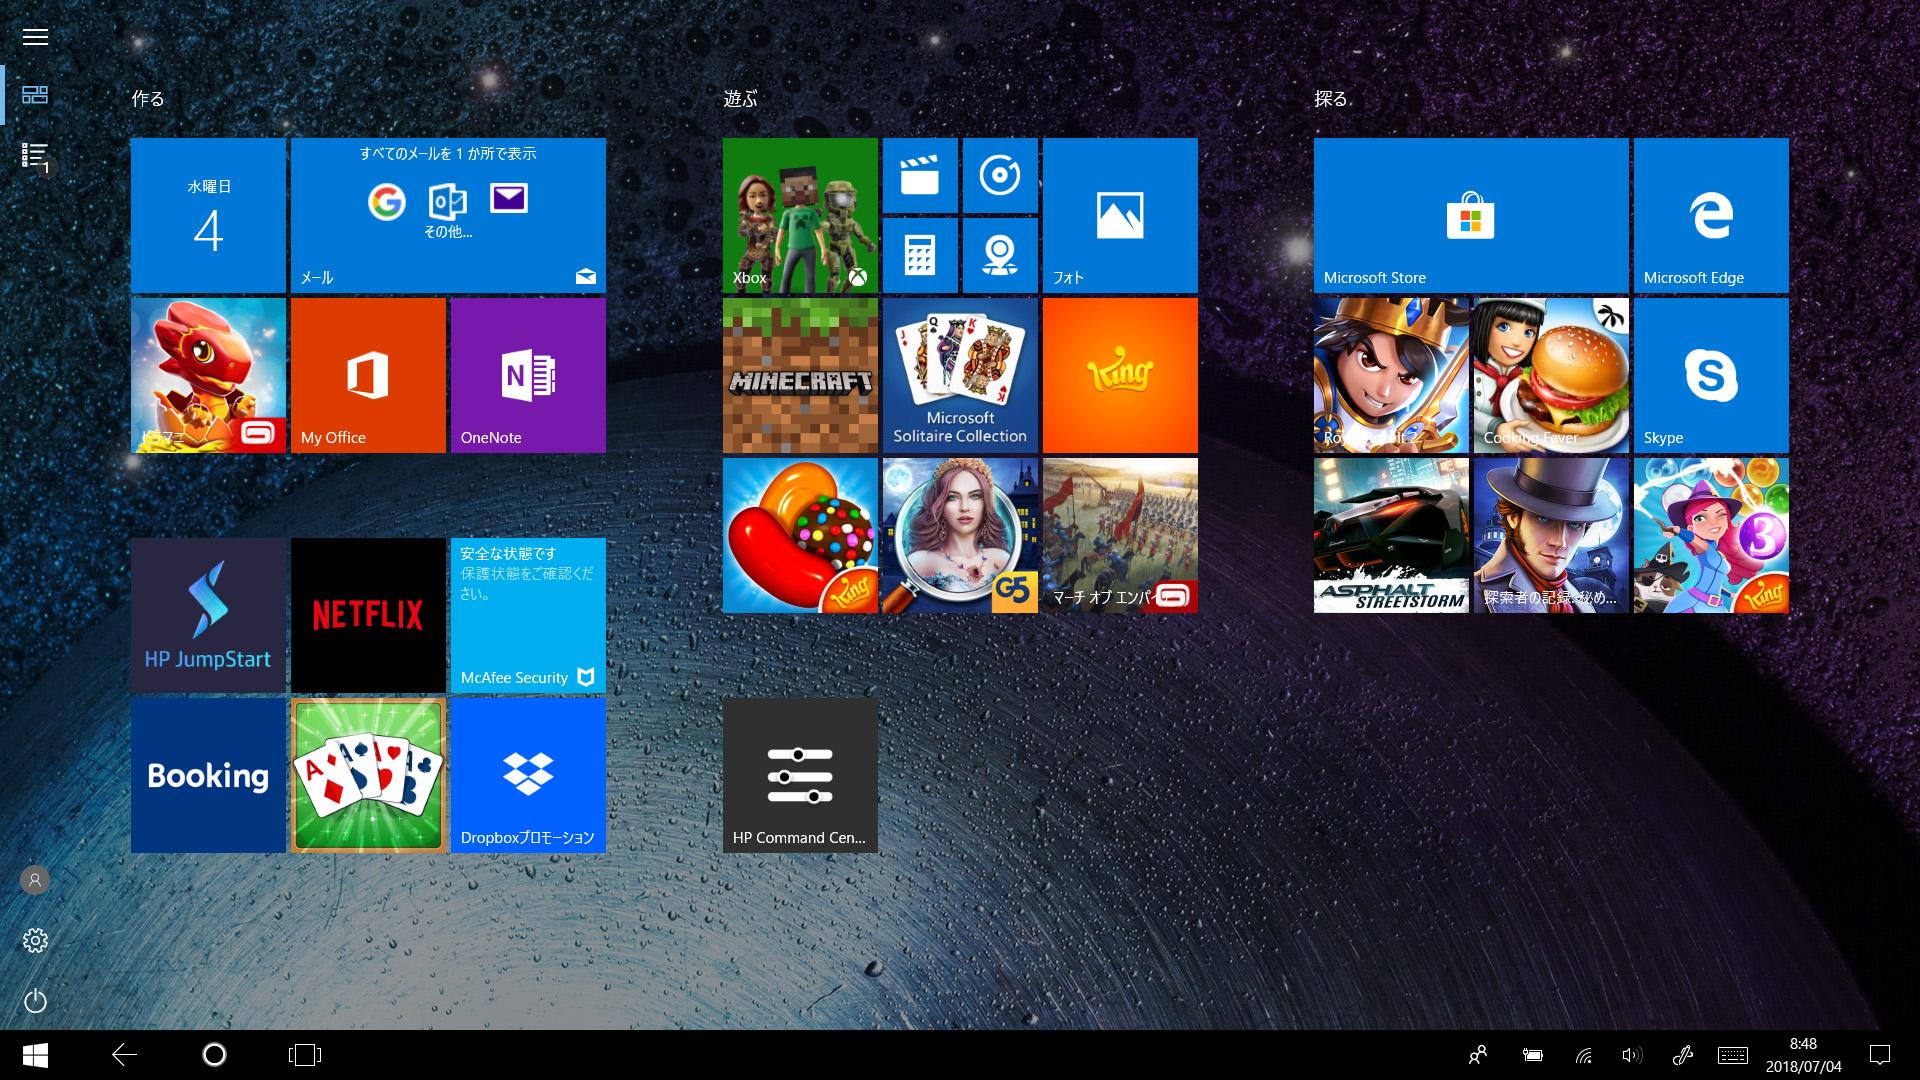 スタート画面(タブレットモード)は1画面。HP JumpStartやHP Command Centerなどがプリインストール